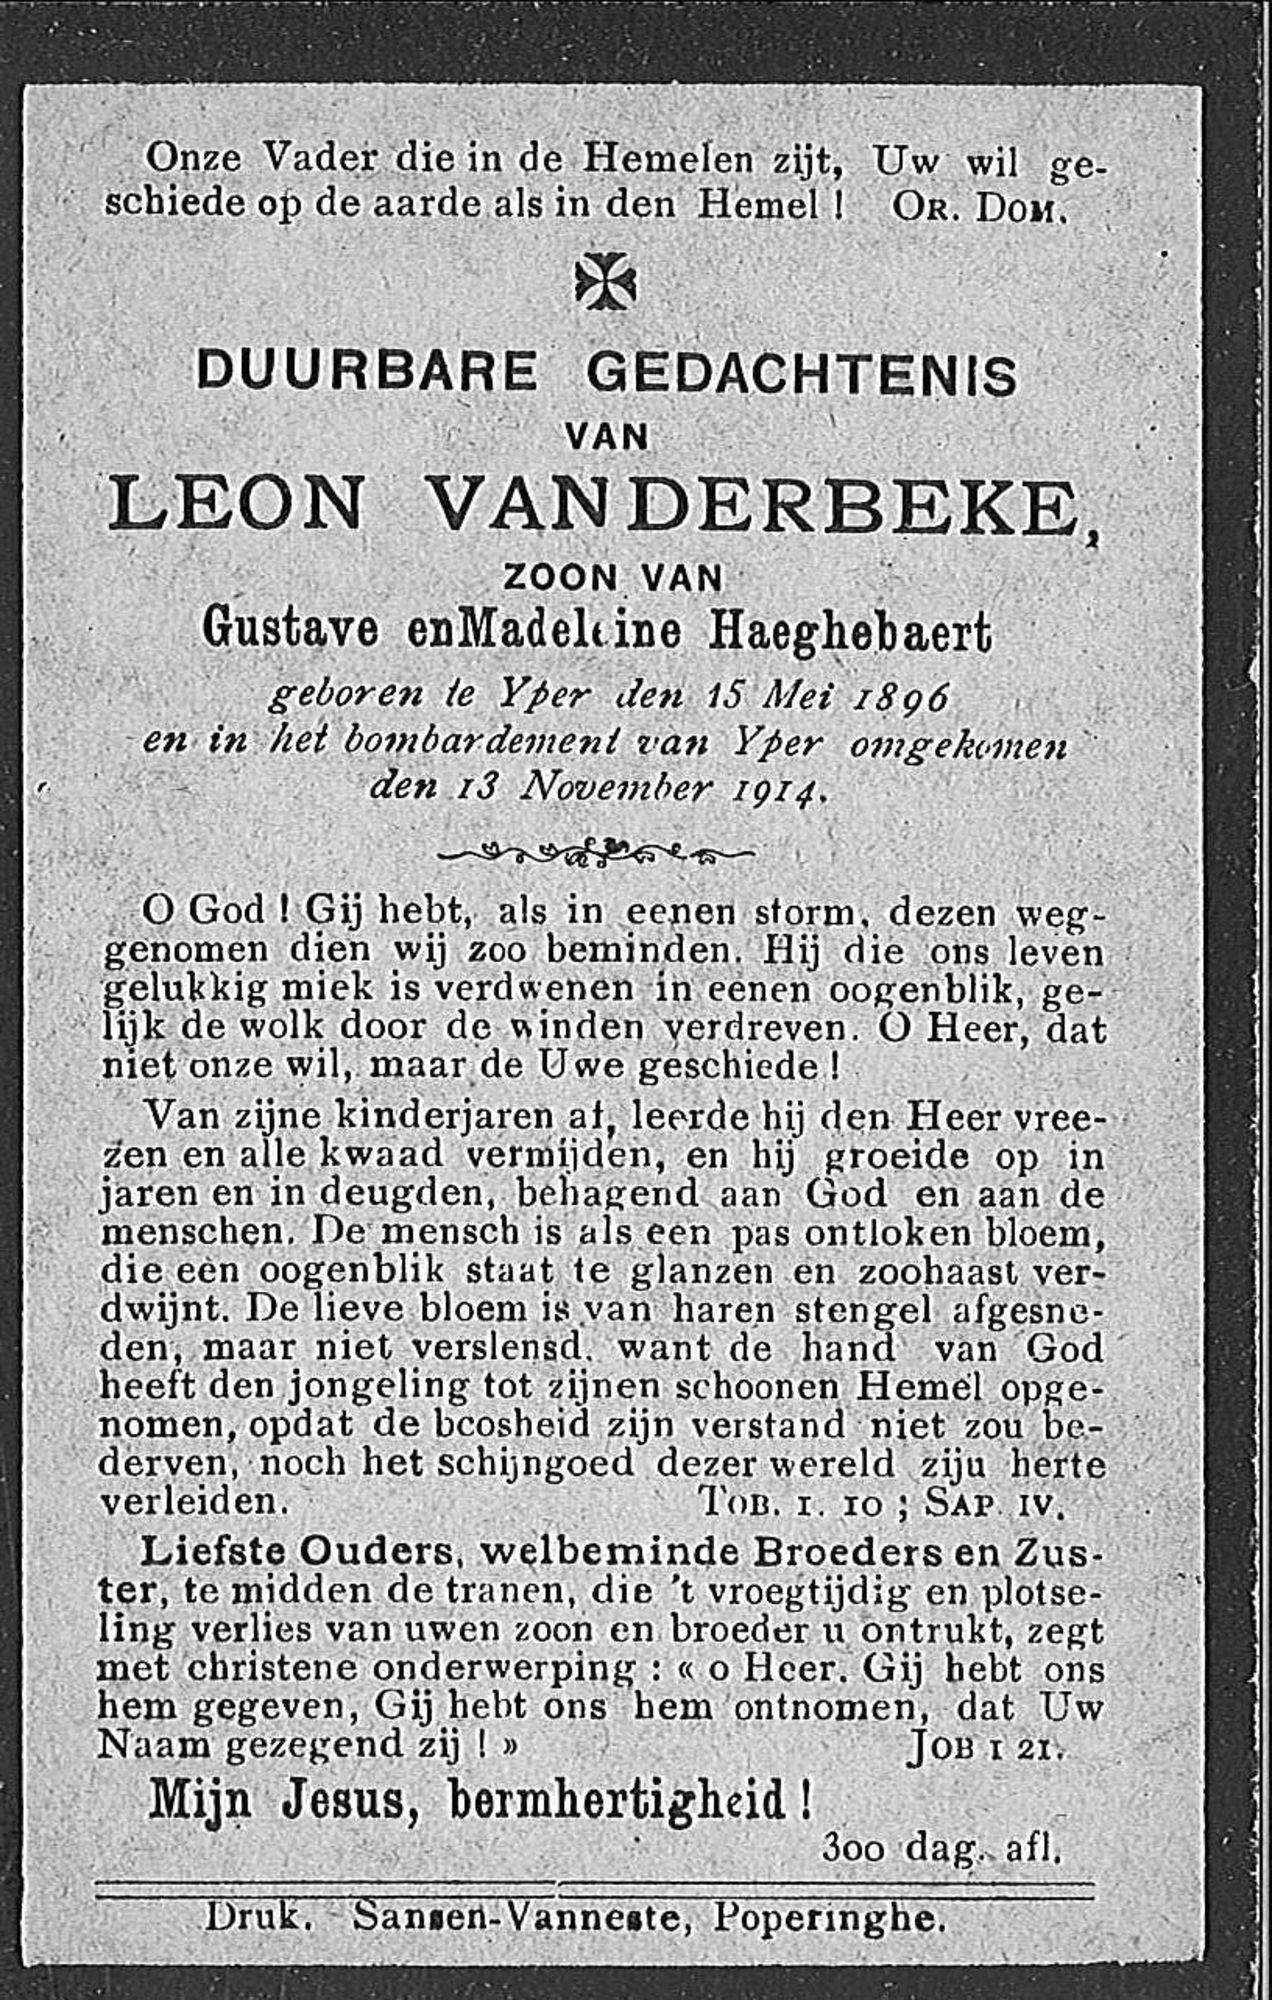 Leon Vanderbeke